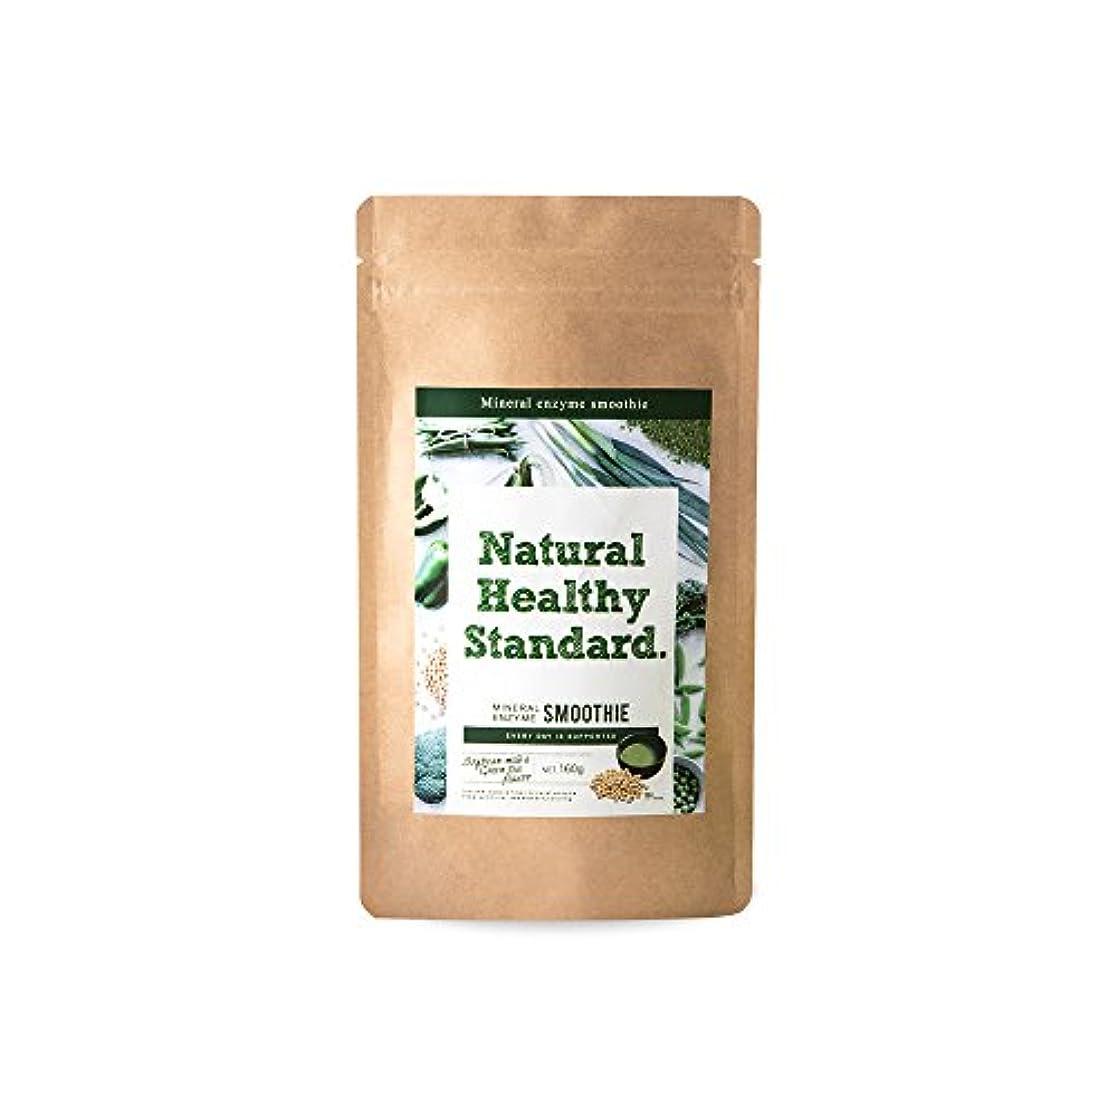 魅惑する核肉腫NaturalHealthyStandard(ナチュラルヘルシースタンダード) ミネラル酵素グリーンスムージー 豆乳抹茶味 160g